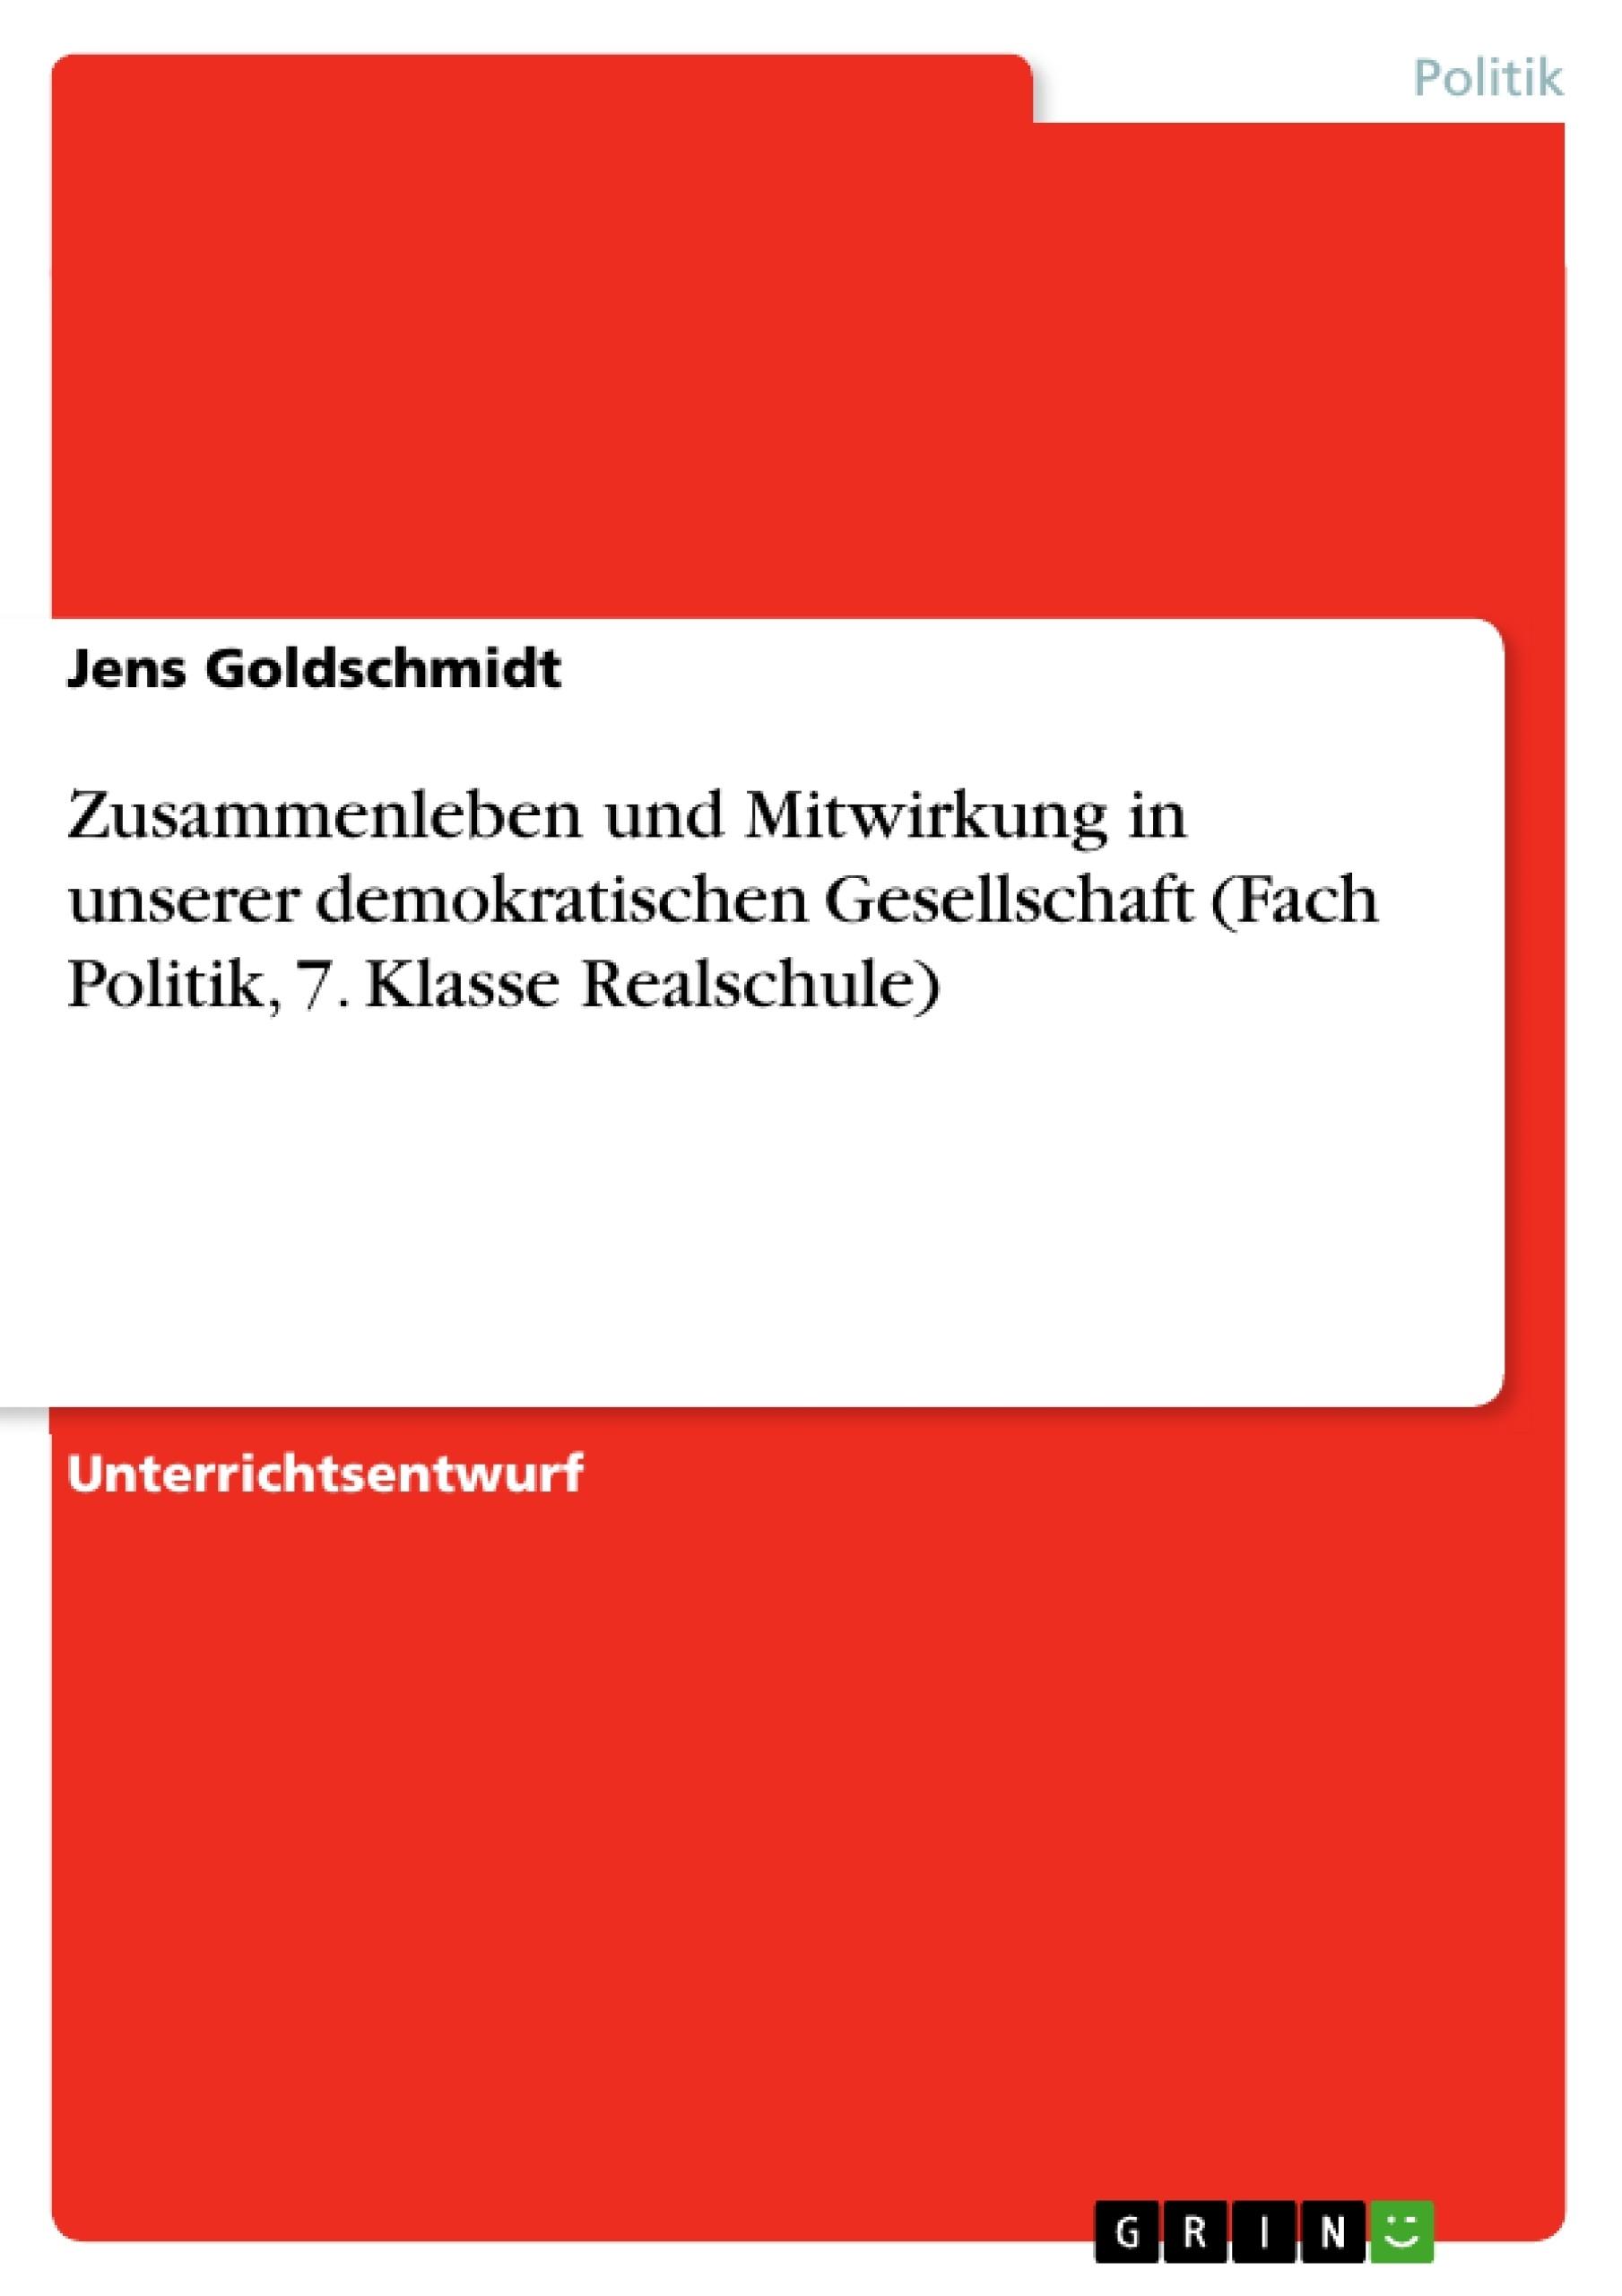 Titel: Zusammenleben und Mitwirkung in unserer demokratischen Gesellschaft (Fach Politik, 7. Klasse Realschule)